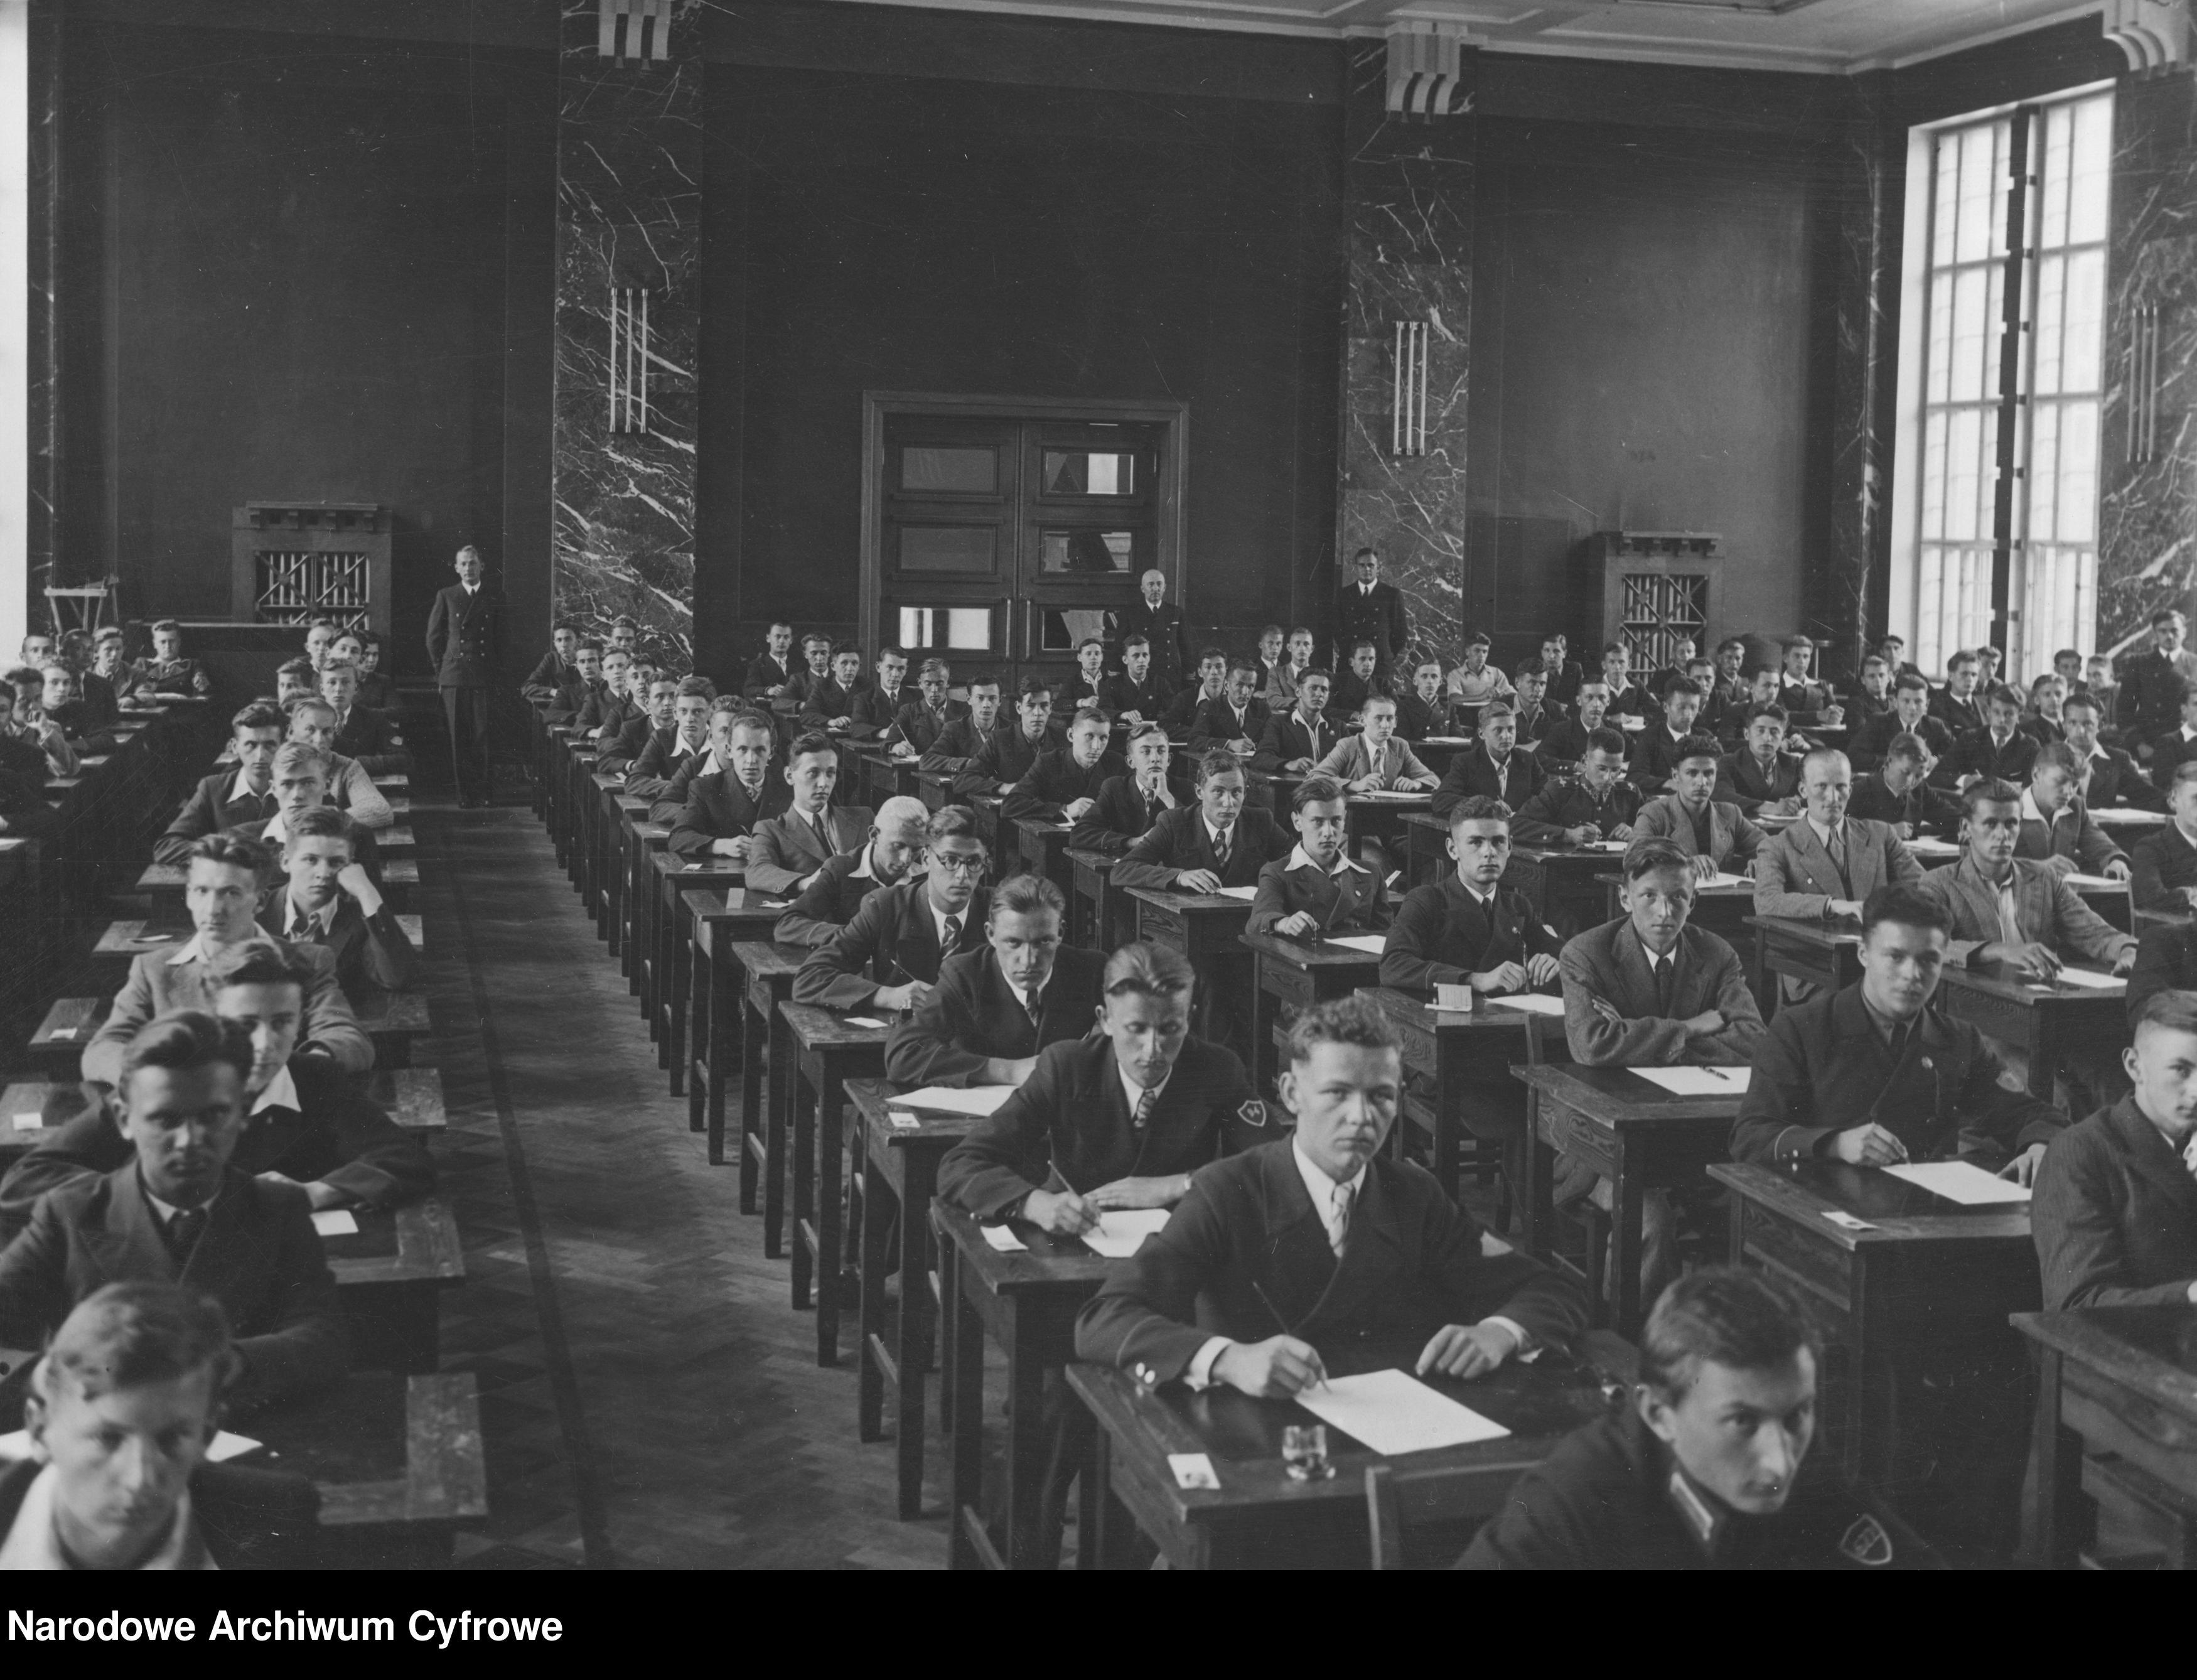 Fotografia ze zbiorów NAC: Egzamin wstępny do Państwowej Szkoły Morskiej w Gdyni